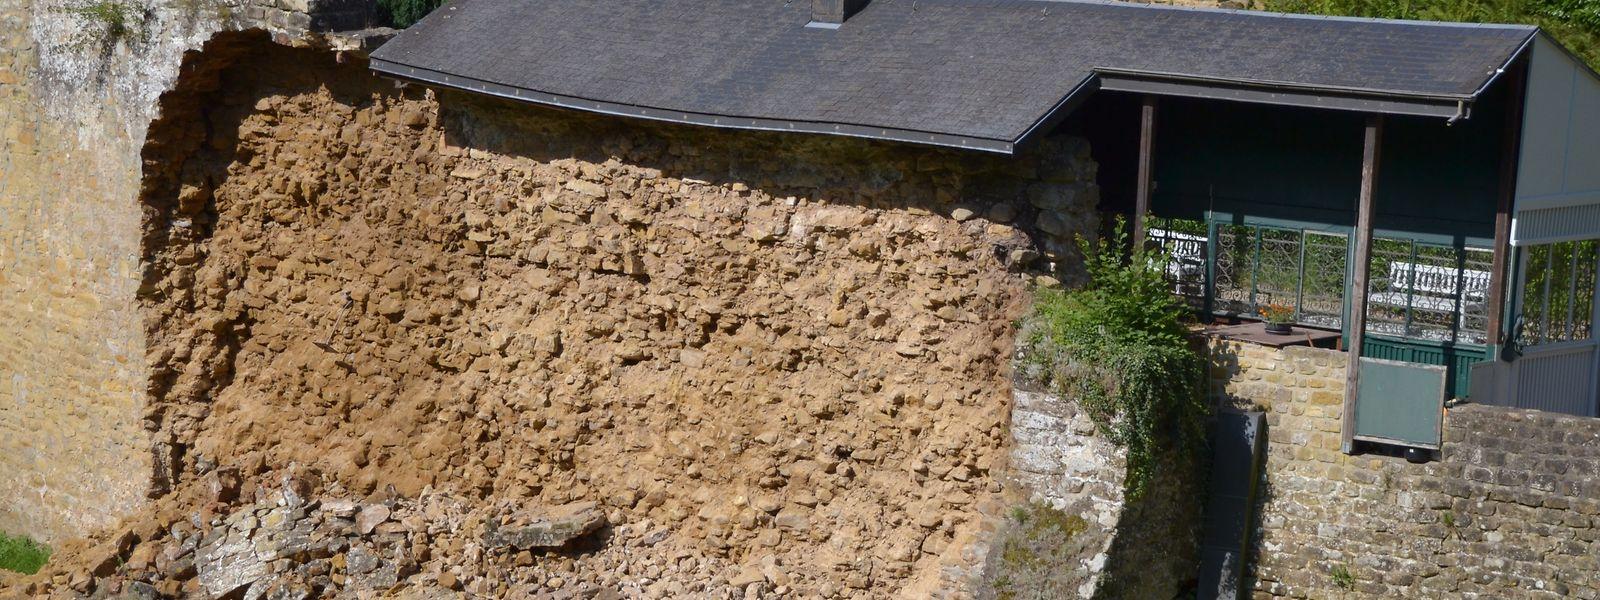 C'est juste devant la buvette du château que l'effondrement s'est produit.